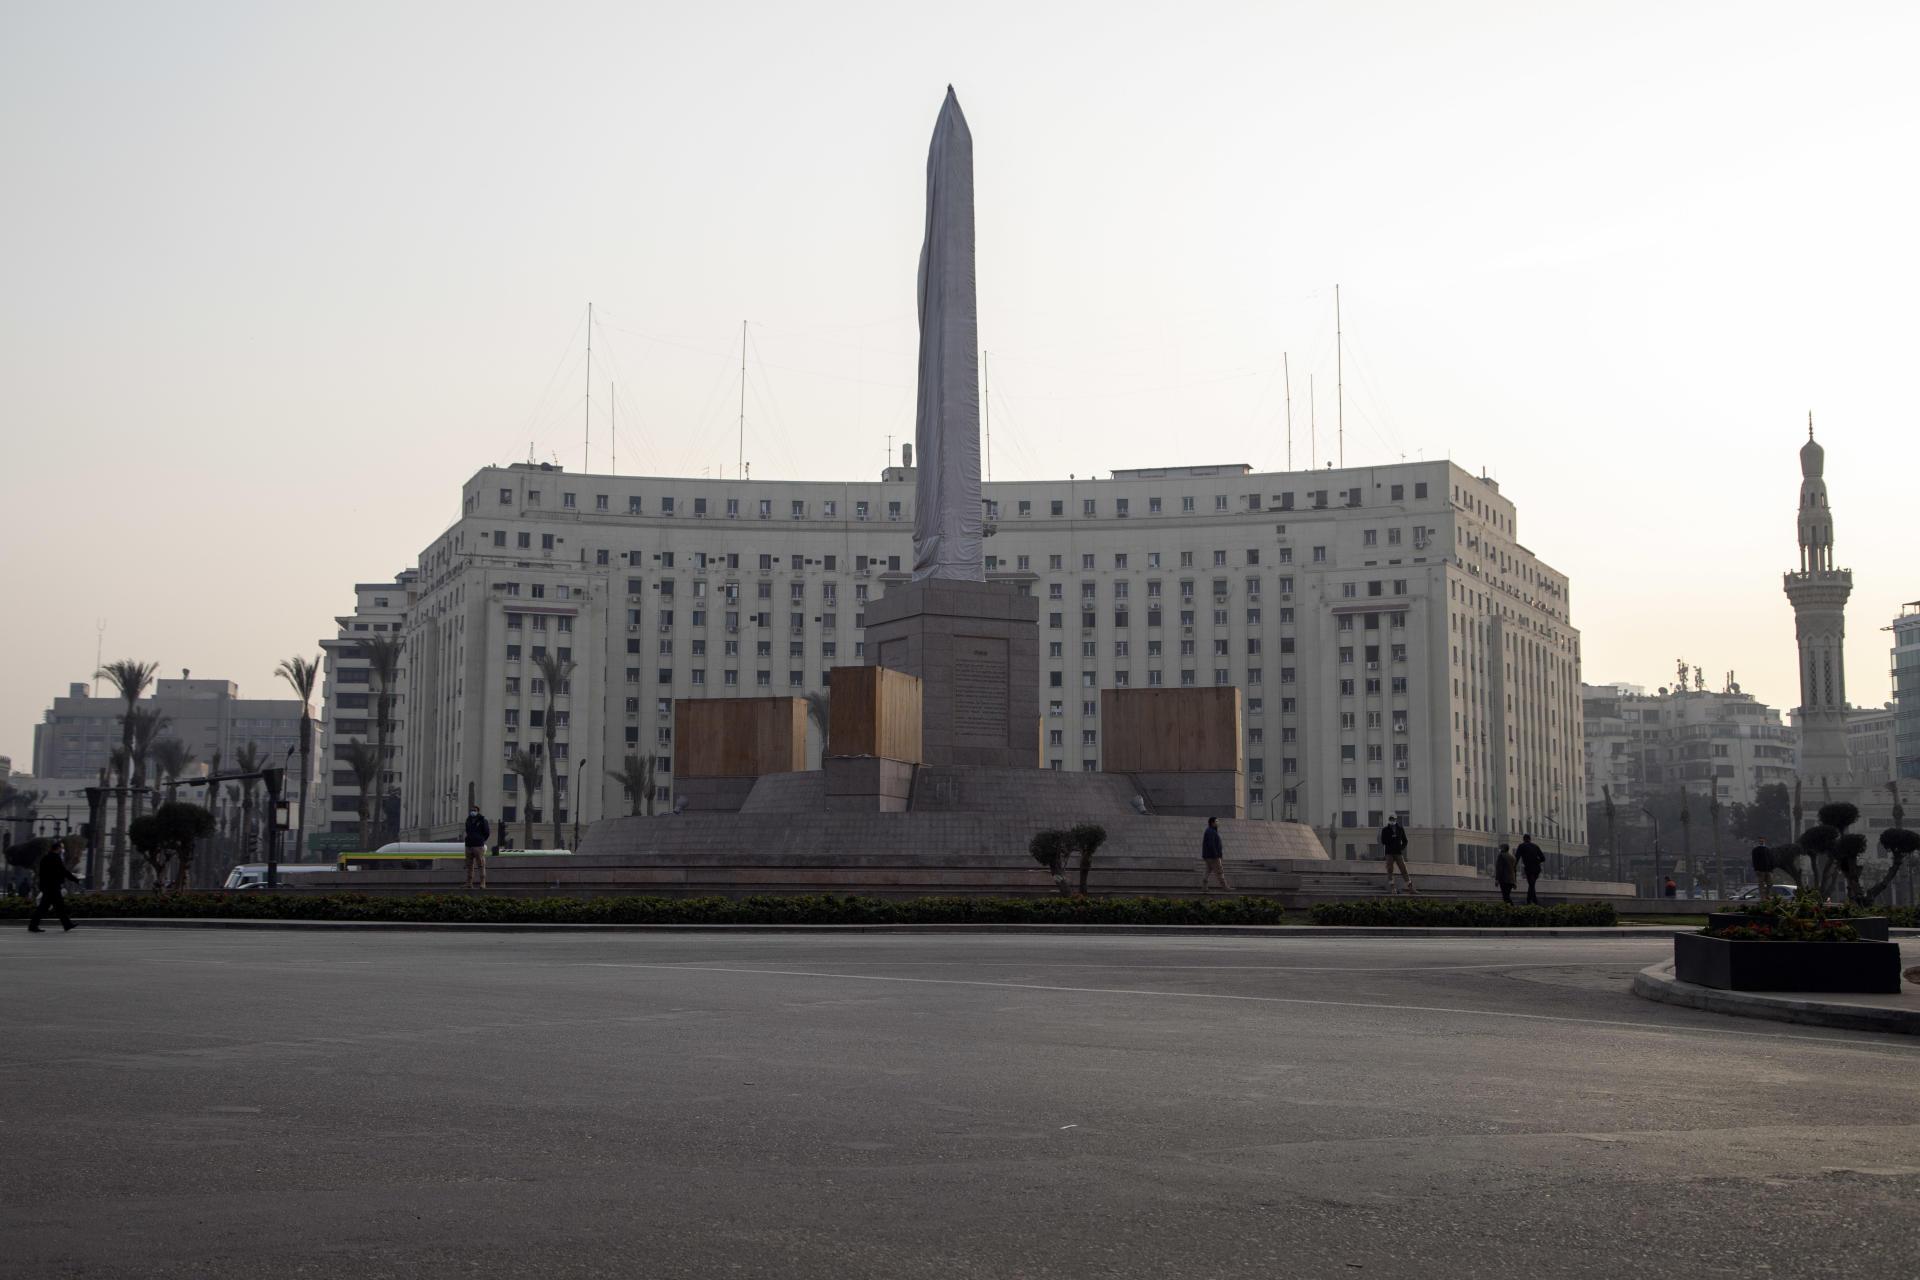 ابلیسک جدید در میدان تحریر در انتظار رونمایی است.  10 ژانویه ، در قاهره.